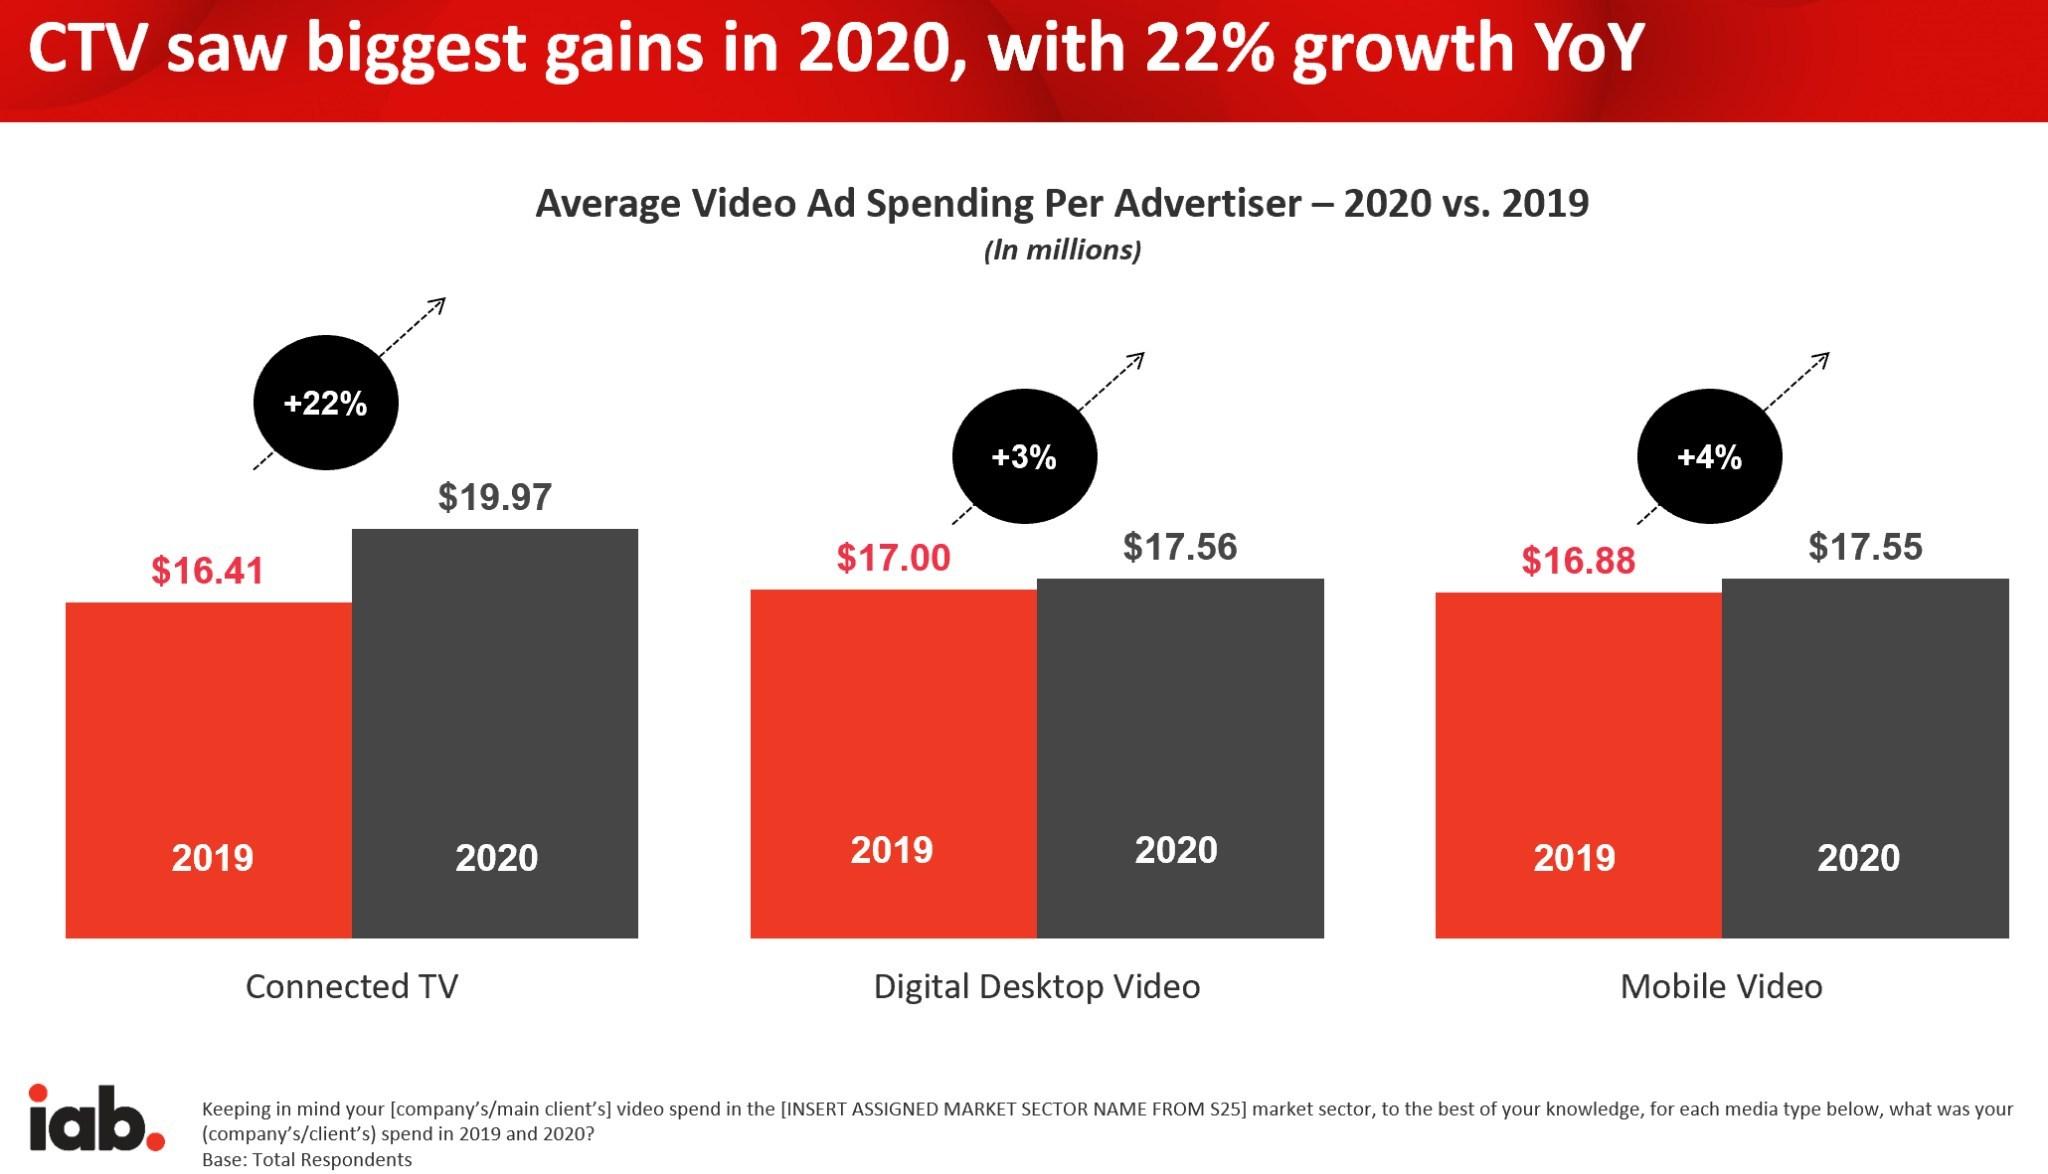 Average Video Ad Spending Per Advertiser - 2020, 2019